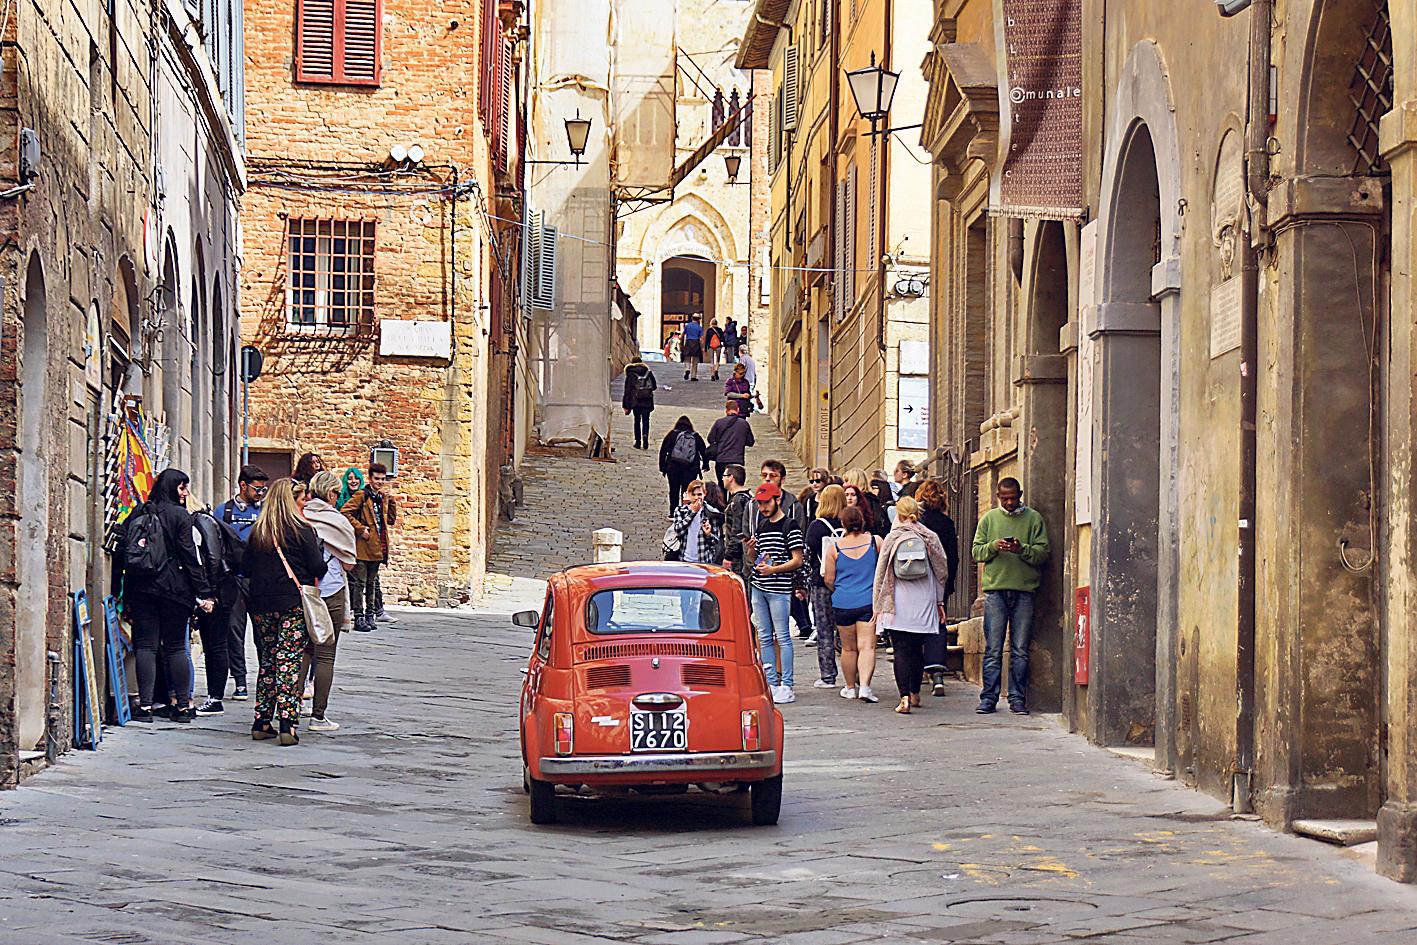 במדרחוב של קסטיליון פיורנטינו פיאט 500 נחשבת להולך רגל